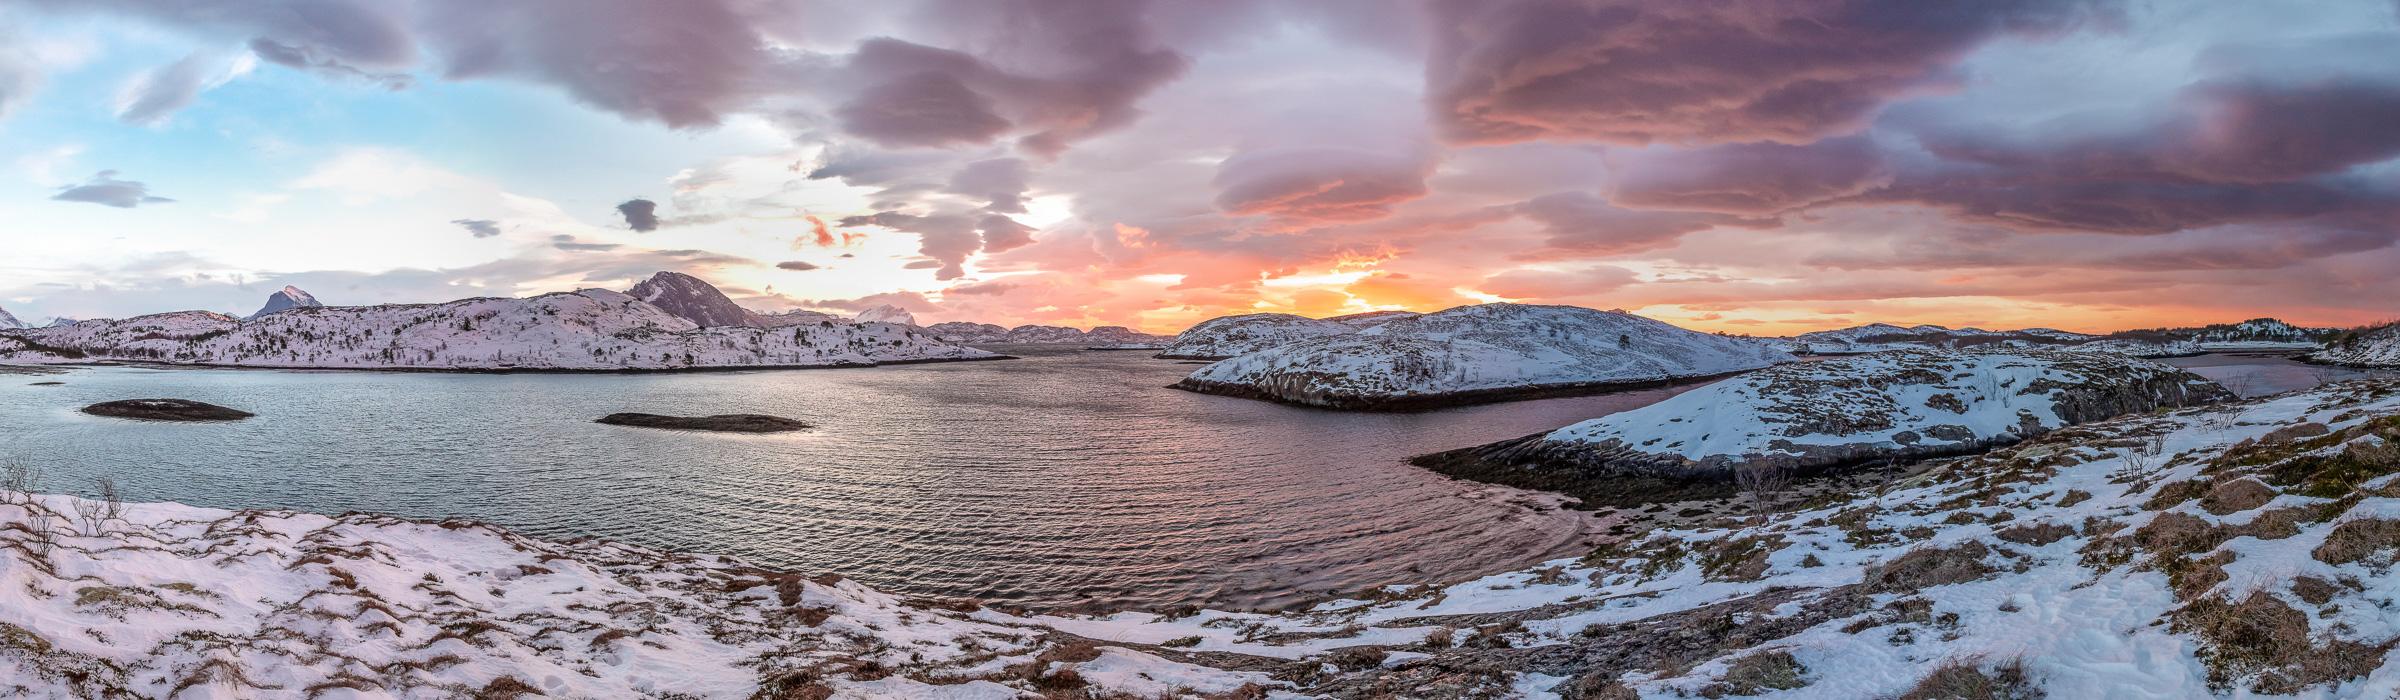 Drohnenpanorama - Sonnenuntergang über dem Tjongsfjord in Norwegen